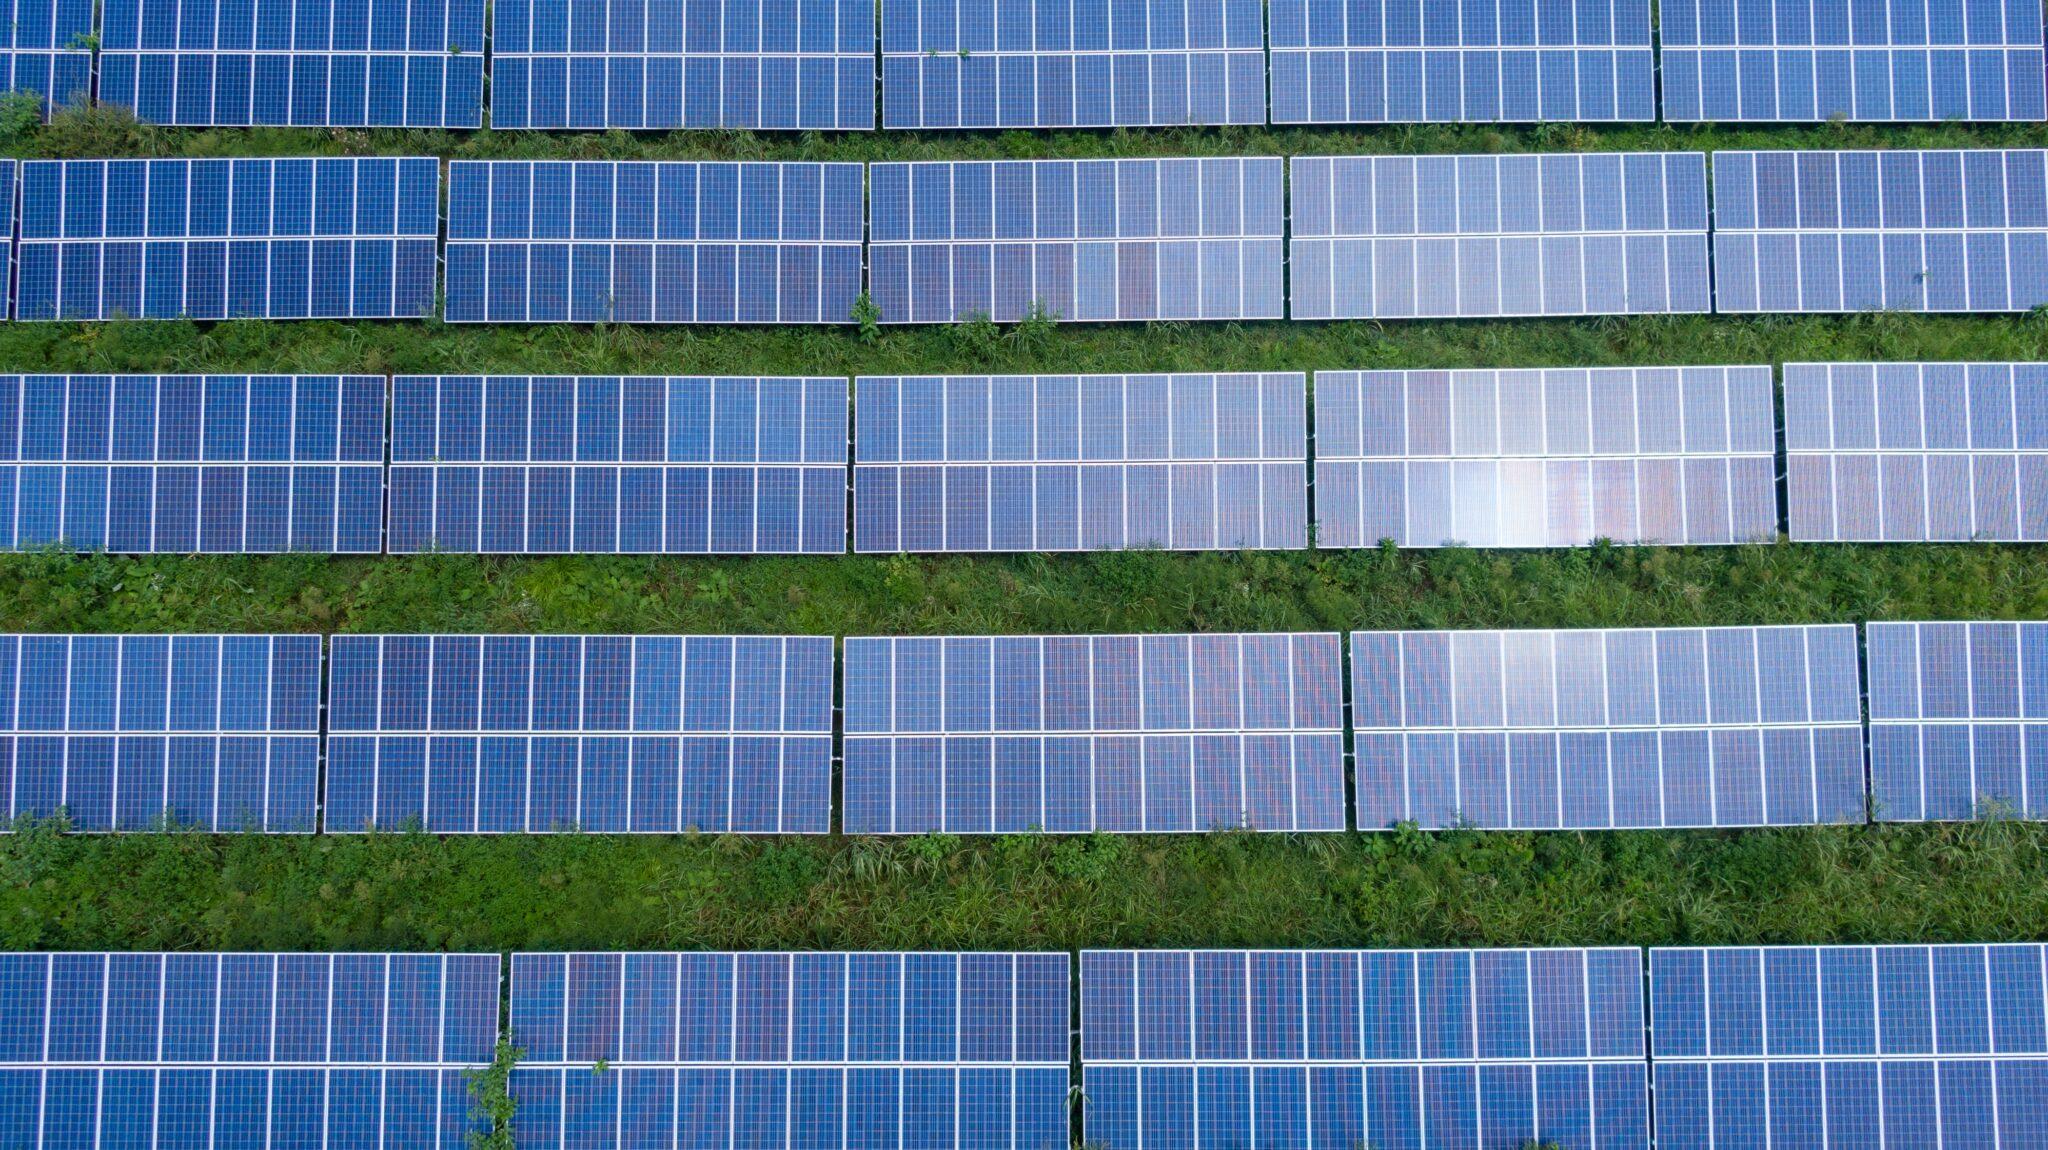 Painéis solares, amplamente utilizados no setor de construção no Brasil